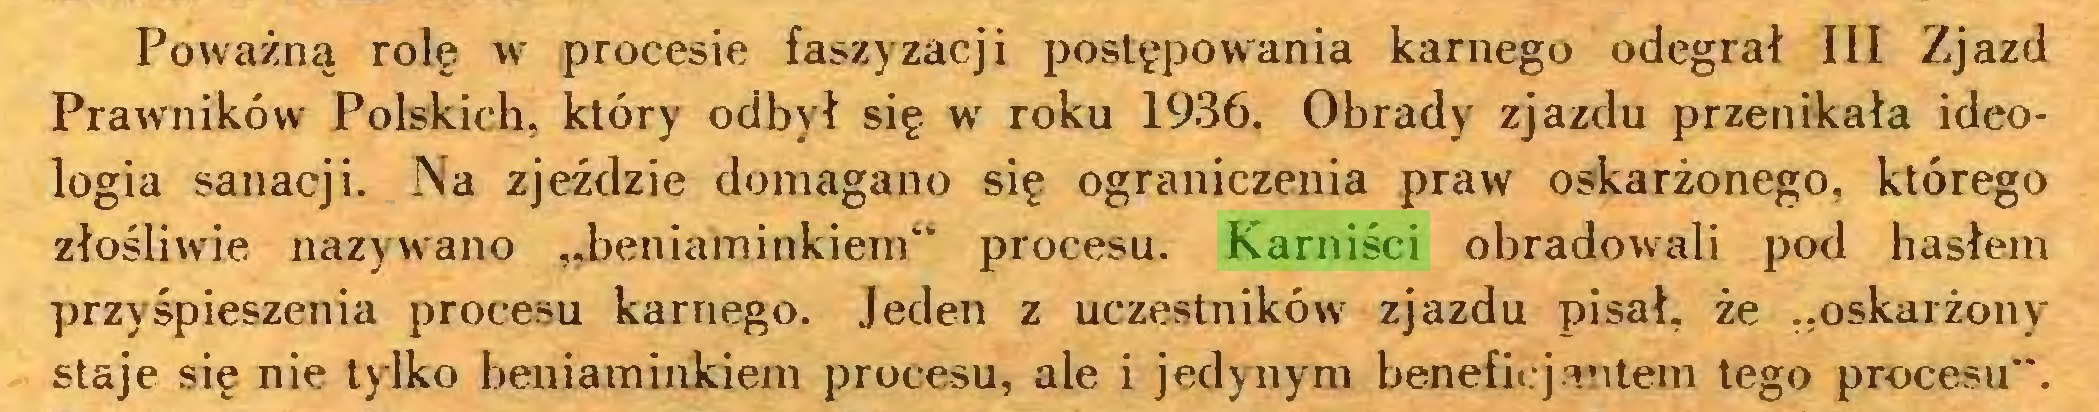 """(...) Poważną rolę w procesie faszyzacji postępowania karnego odegrał III Zjazd Prawnikówr Polskich, który odbył się w roku 1936. Obrady zjazdu przenikała ideologia sanacji. Na zjeżdzie domagano się ograniczenia praw oskarżonego, którego złośliwie nazywano """"beniaminkiem"""" procesu. Karniści obradowali pod hasłem przyśpieszenia procesu karnego. Jeden z uczestników zjazdu pisał, że """"oskarżony staje się nie tylko beniaminkiem procesu, ale i jedynym beneficjantem tego procesu""""..."""